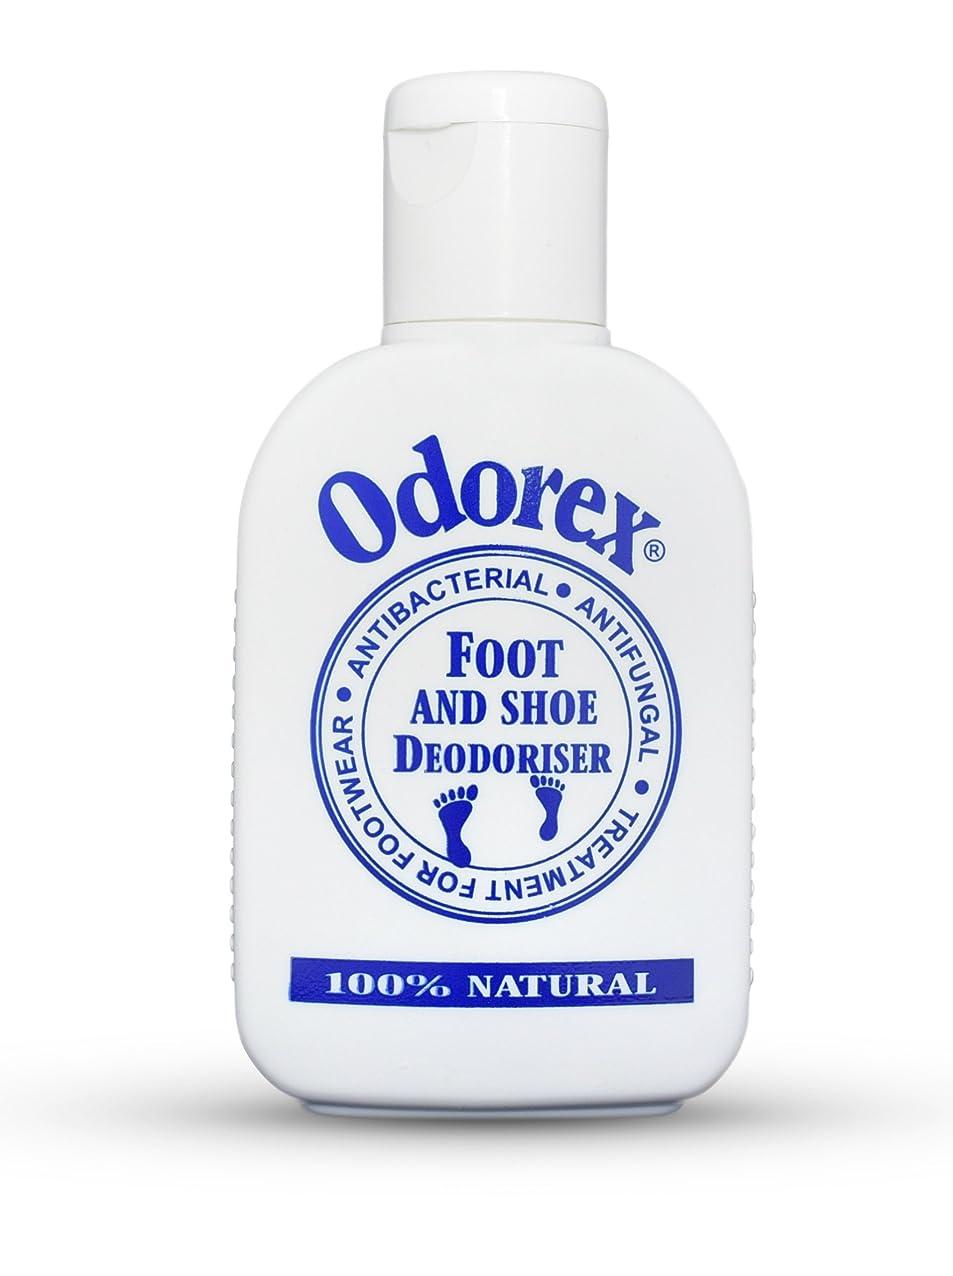 光クリーム遊び場オダエックス100% ナチュラル 靴用除菌?防菌?消臭パウダー30g